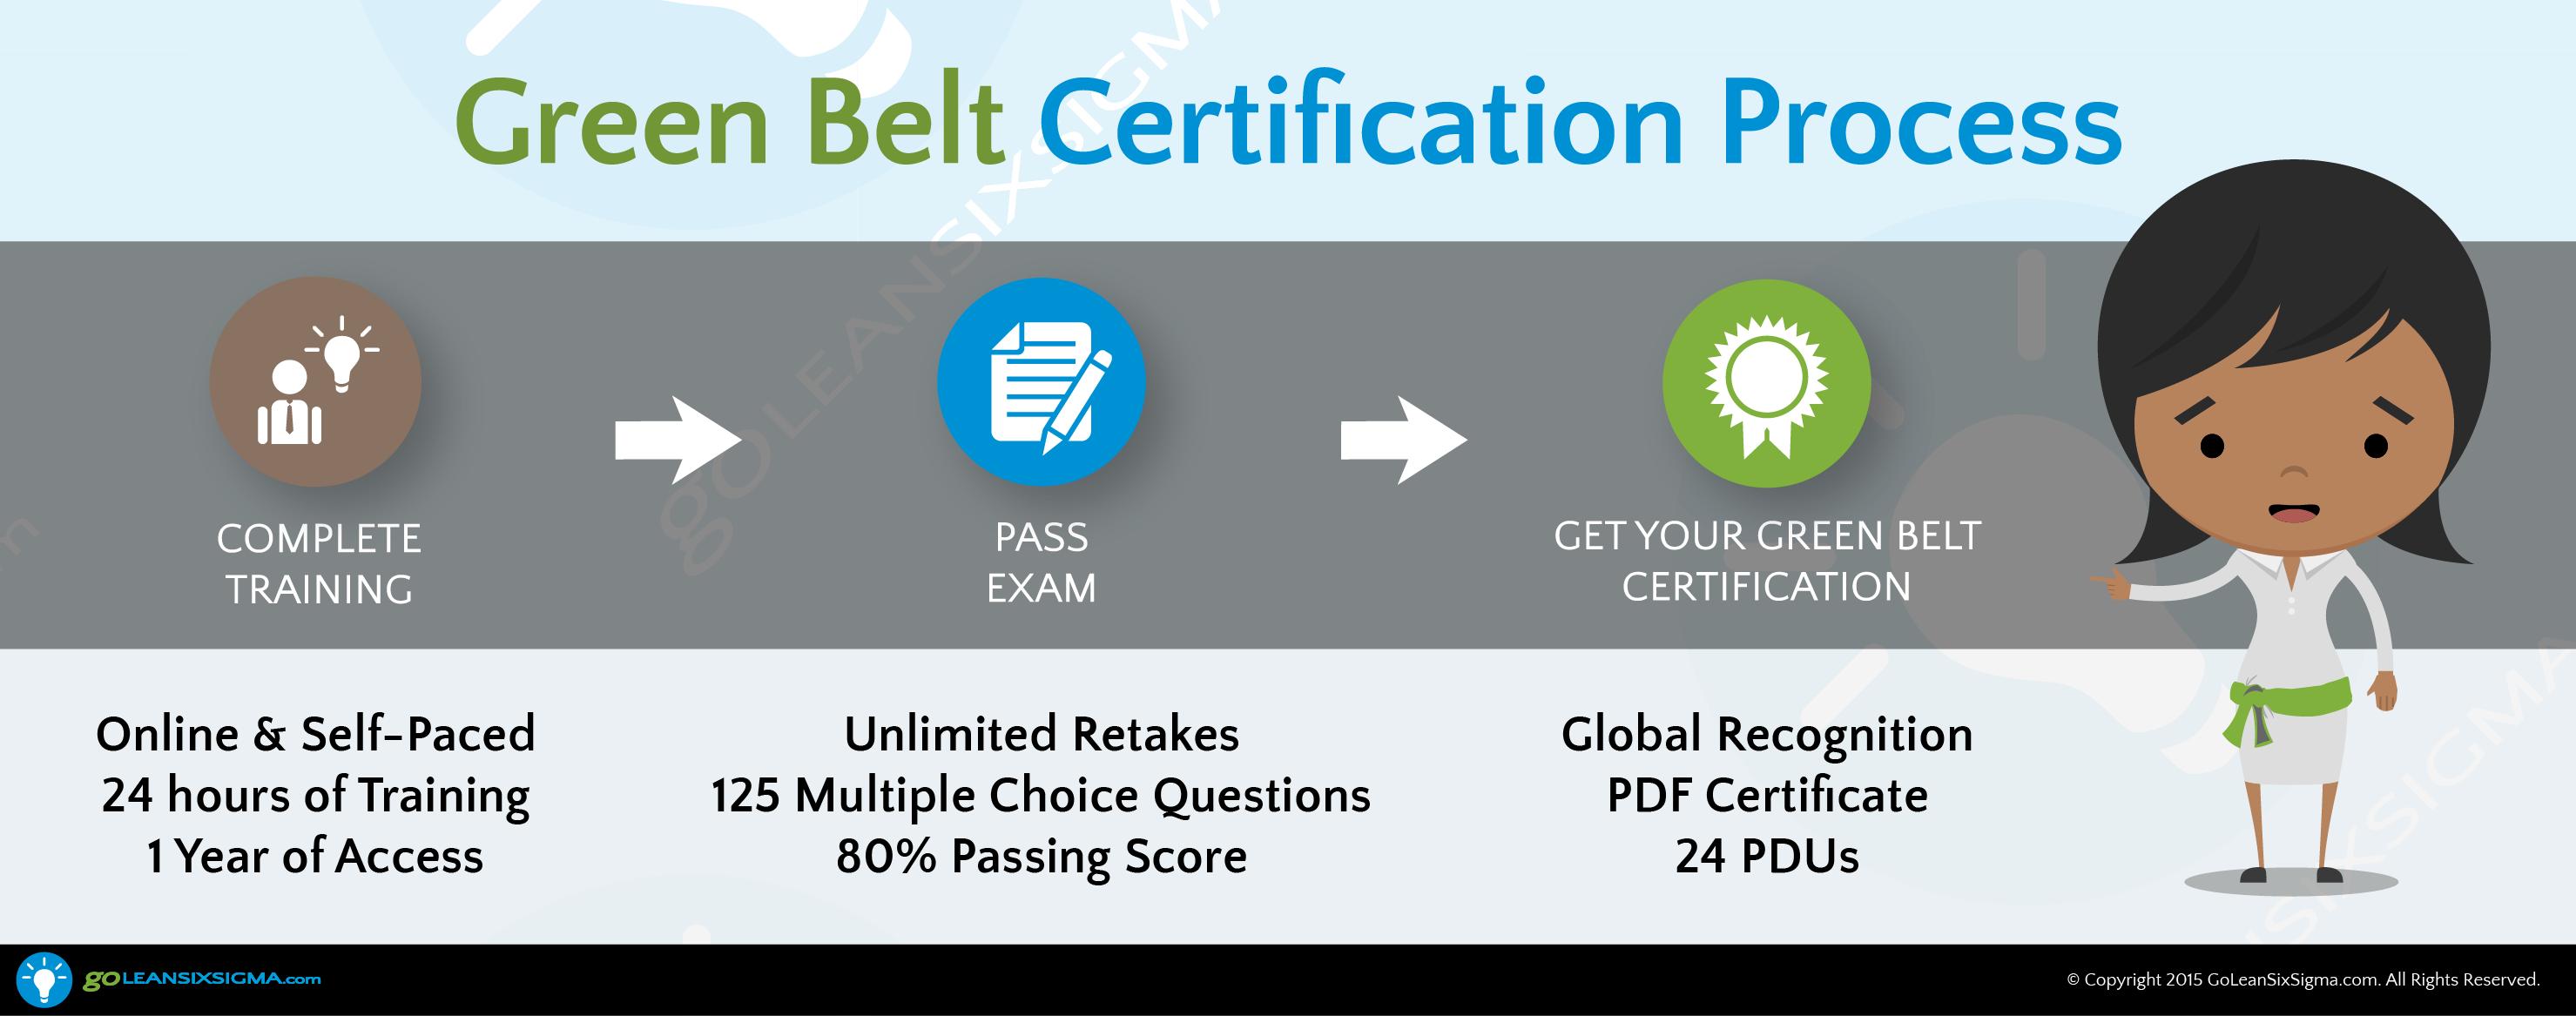 GLSS_CertificationProcess_Green Belt Cert_pro